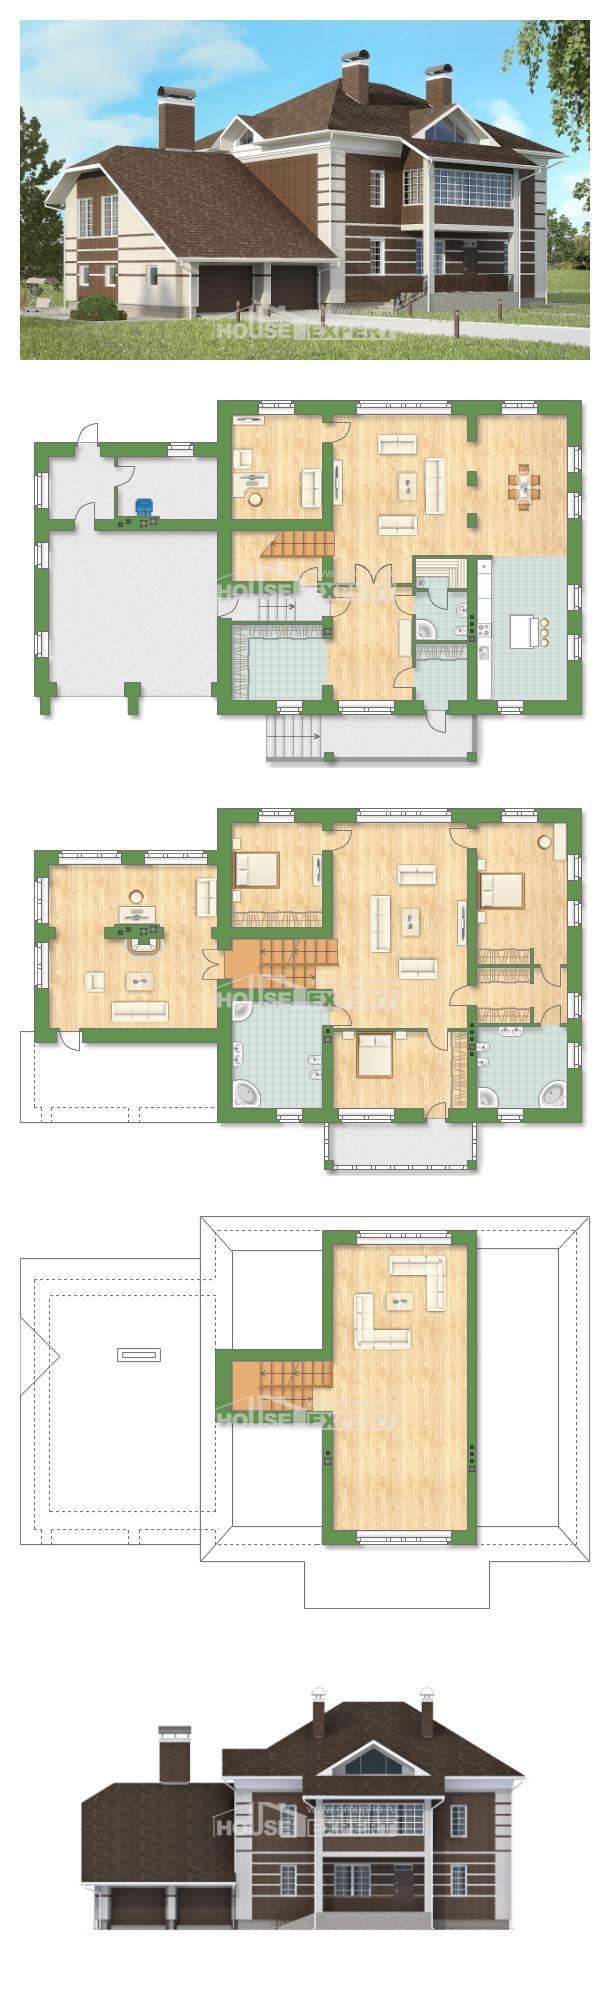 Plan 505-002-L   House Expert